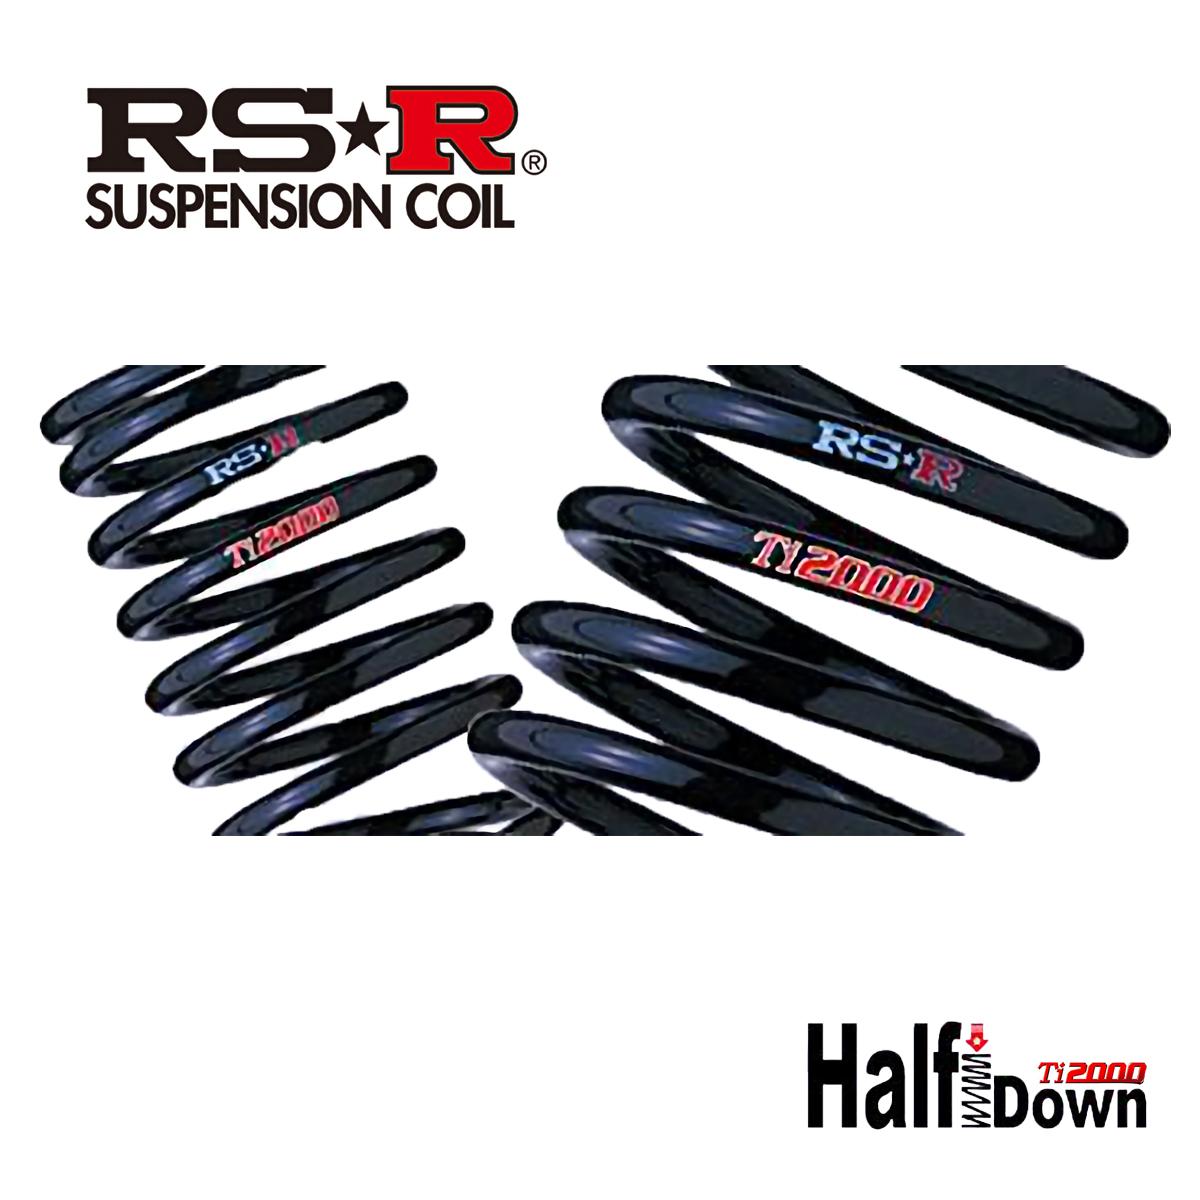 RS-R アクア NHP10 Gソフトレザーセレクション ダウンサス スプリング リア T105THDR Ti2000 ハーフダウン RSR 個人宅発送追金有